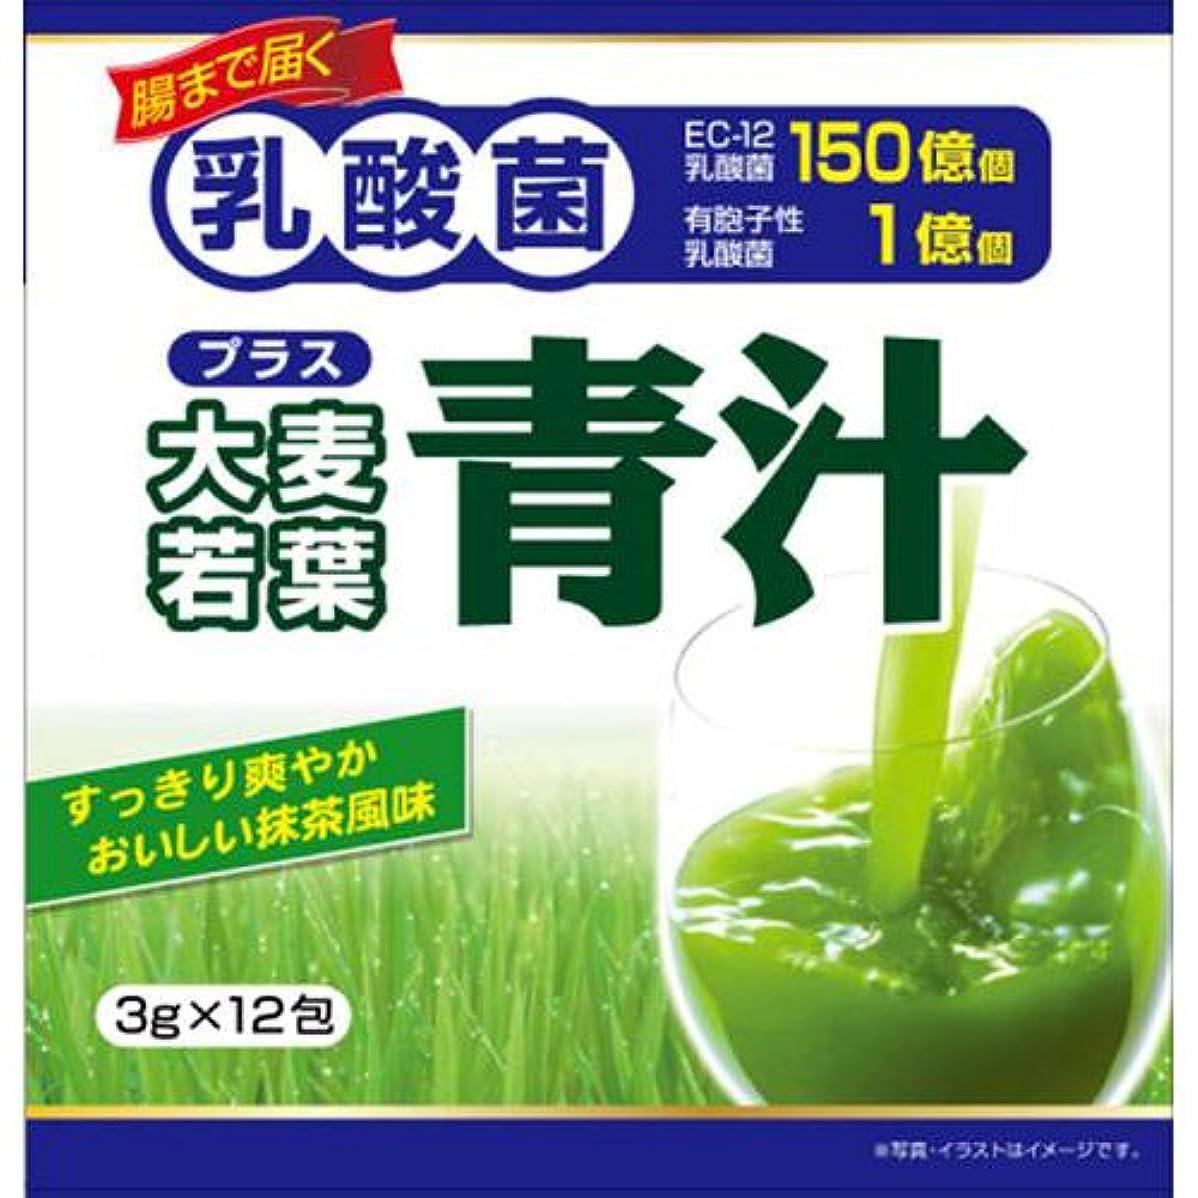 否認する暴力的な小麦ユーワ 乳酸菌プラス大麦若葉青汁 12包